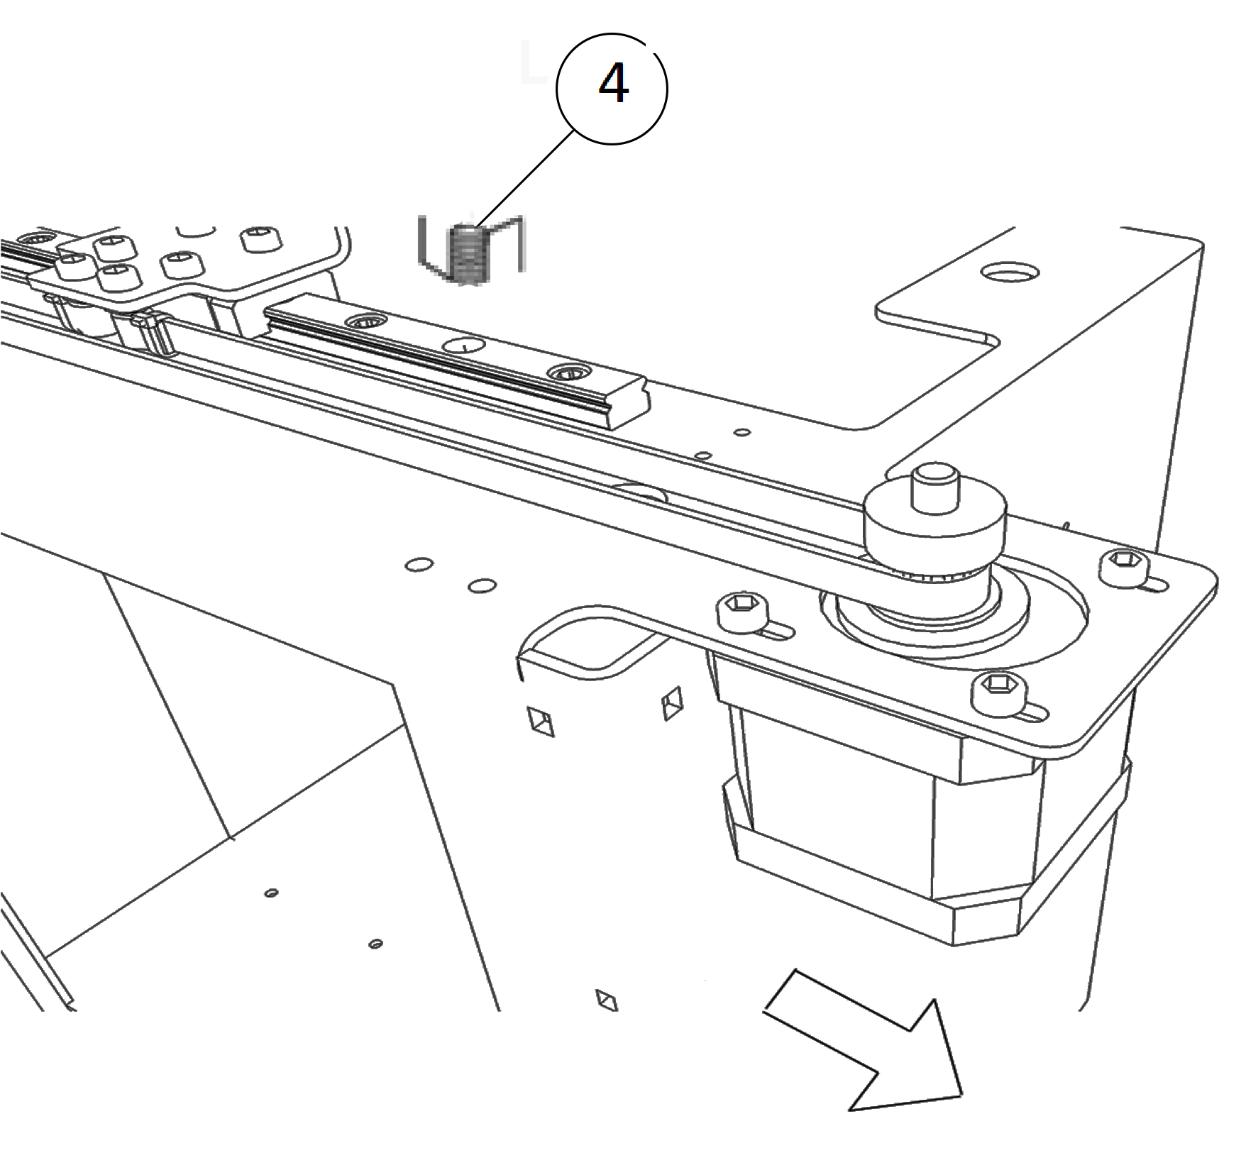 Инструкция по сборке 3D принтера Prism Uni(часть 1-механика) - 22